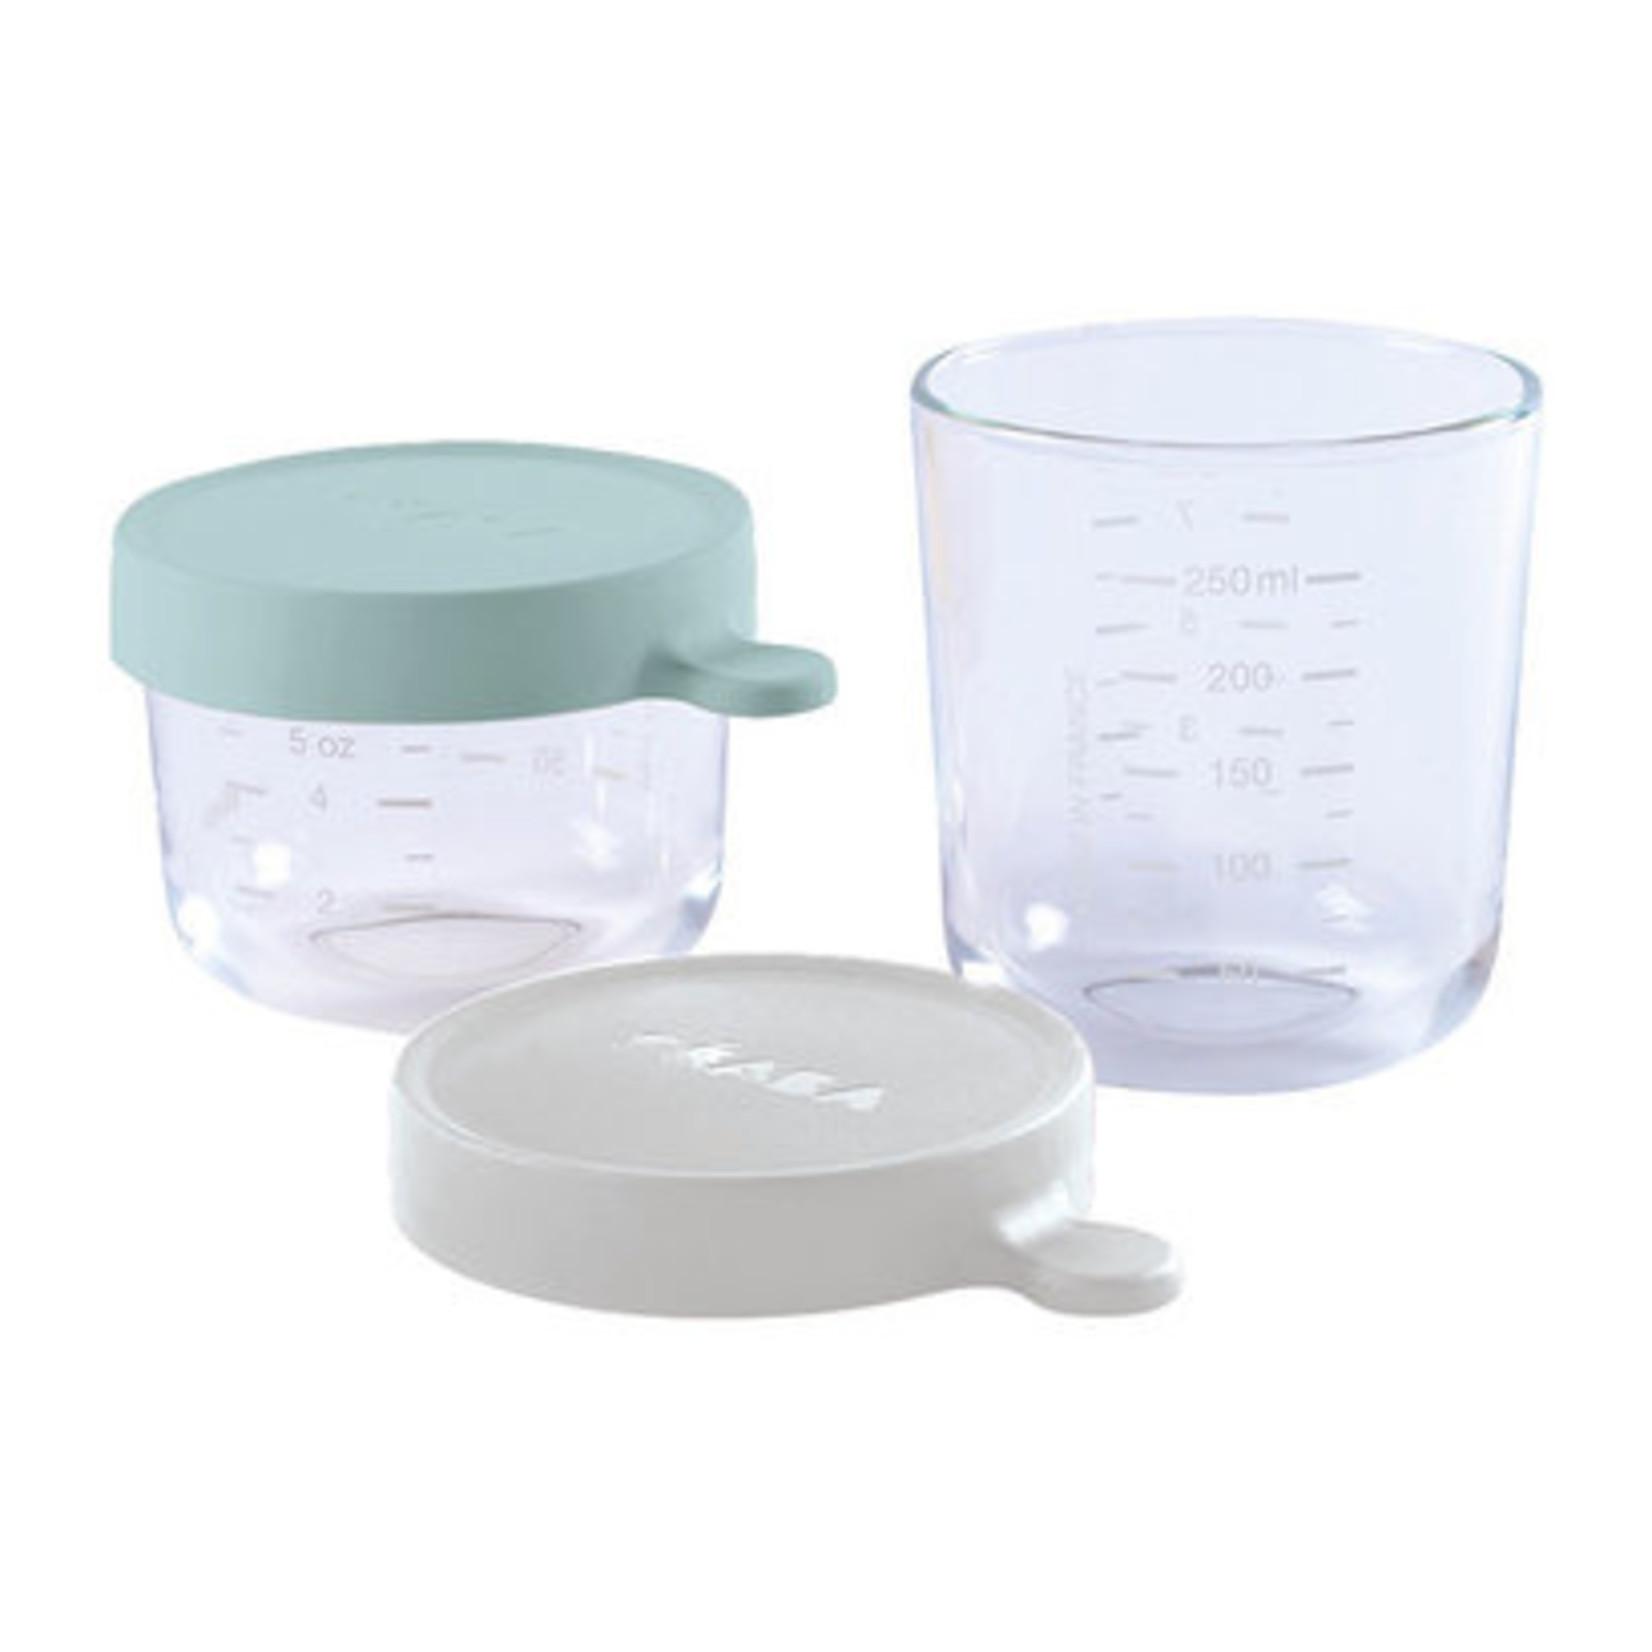 Beaba Beaba Set van 2 glazen potjes 150/250ml Light mist/Eucalyptus